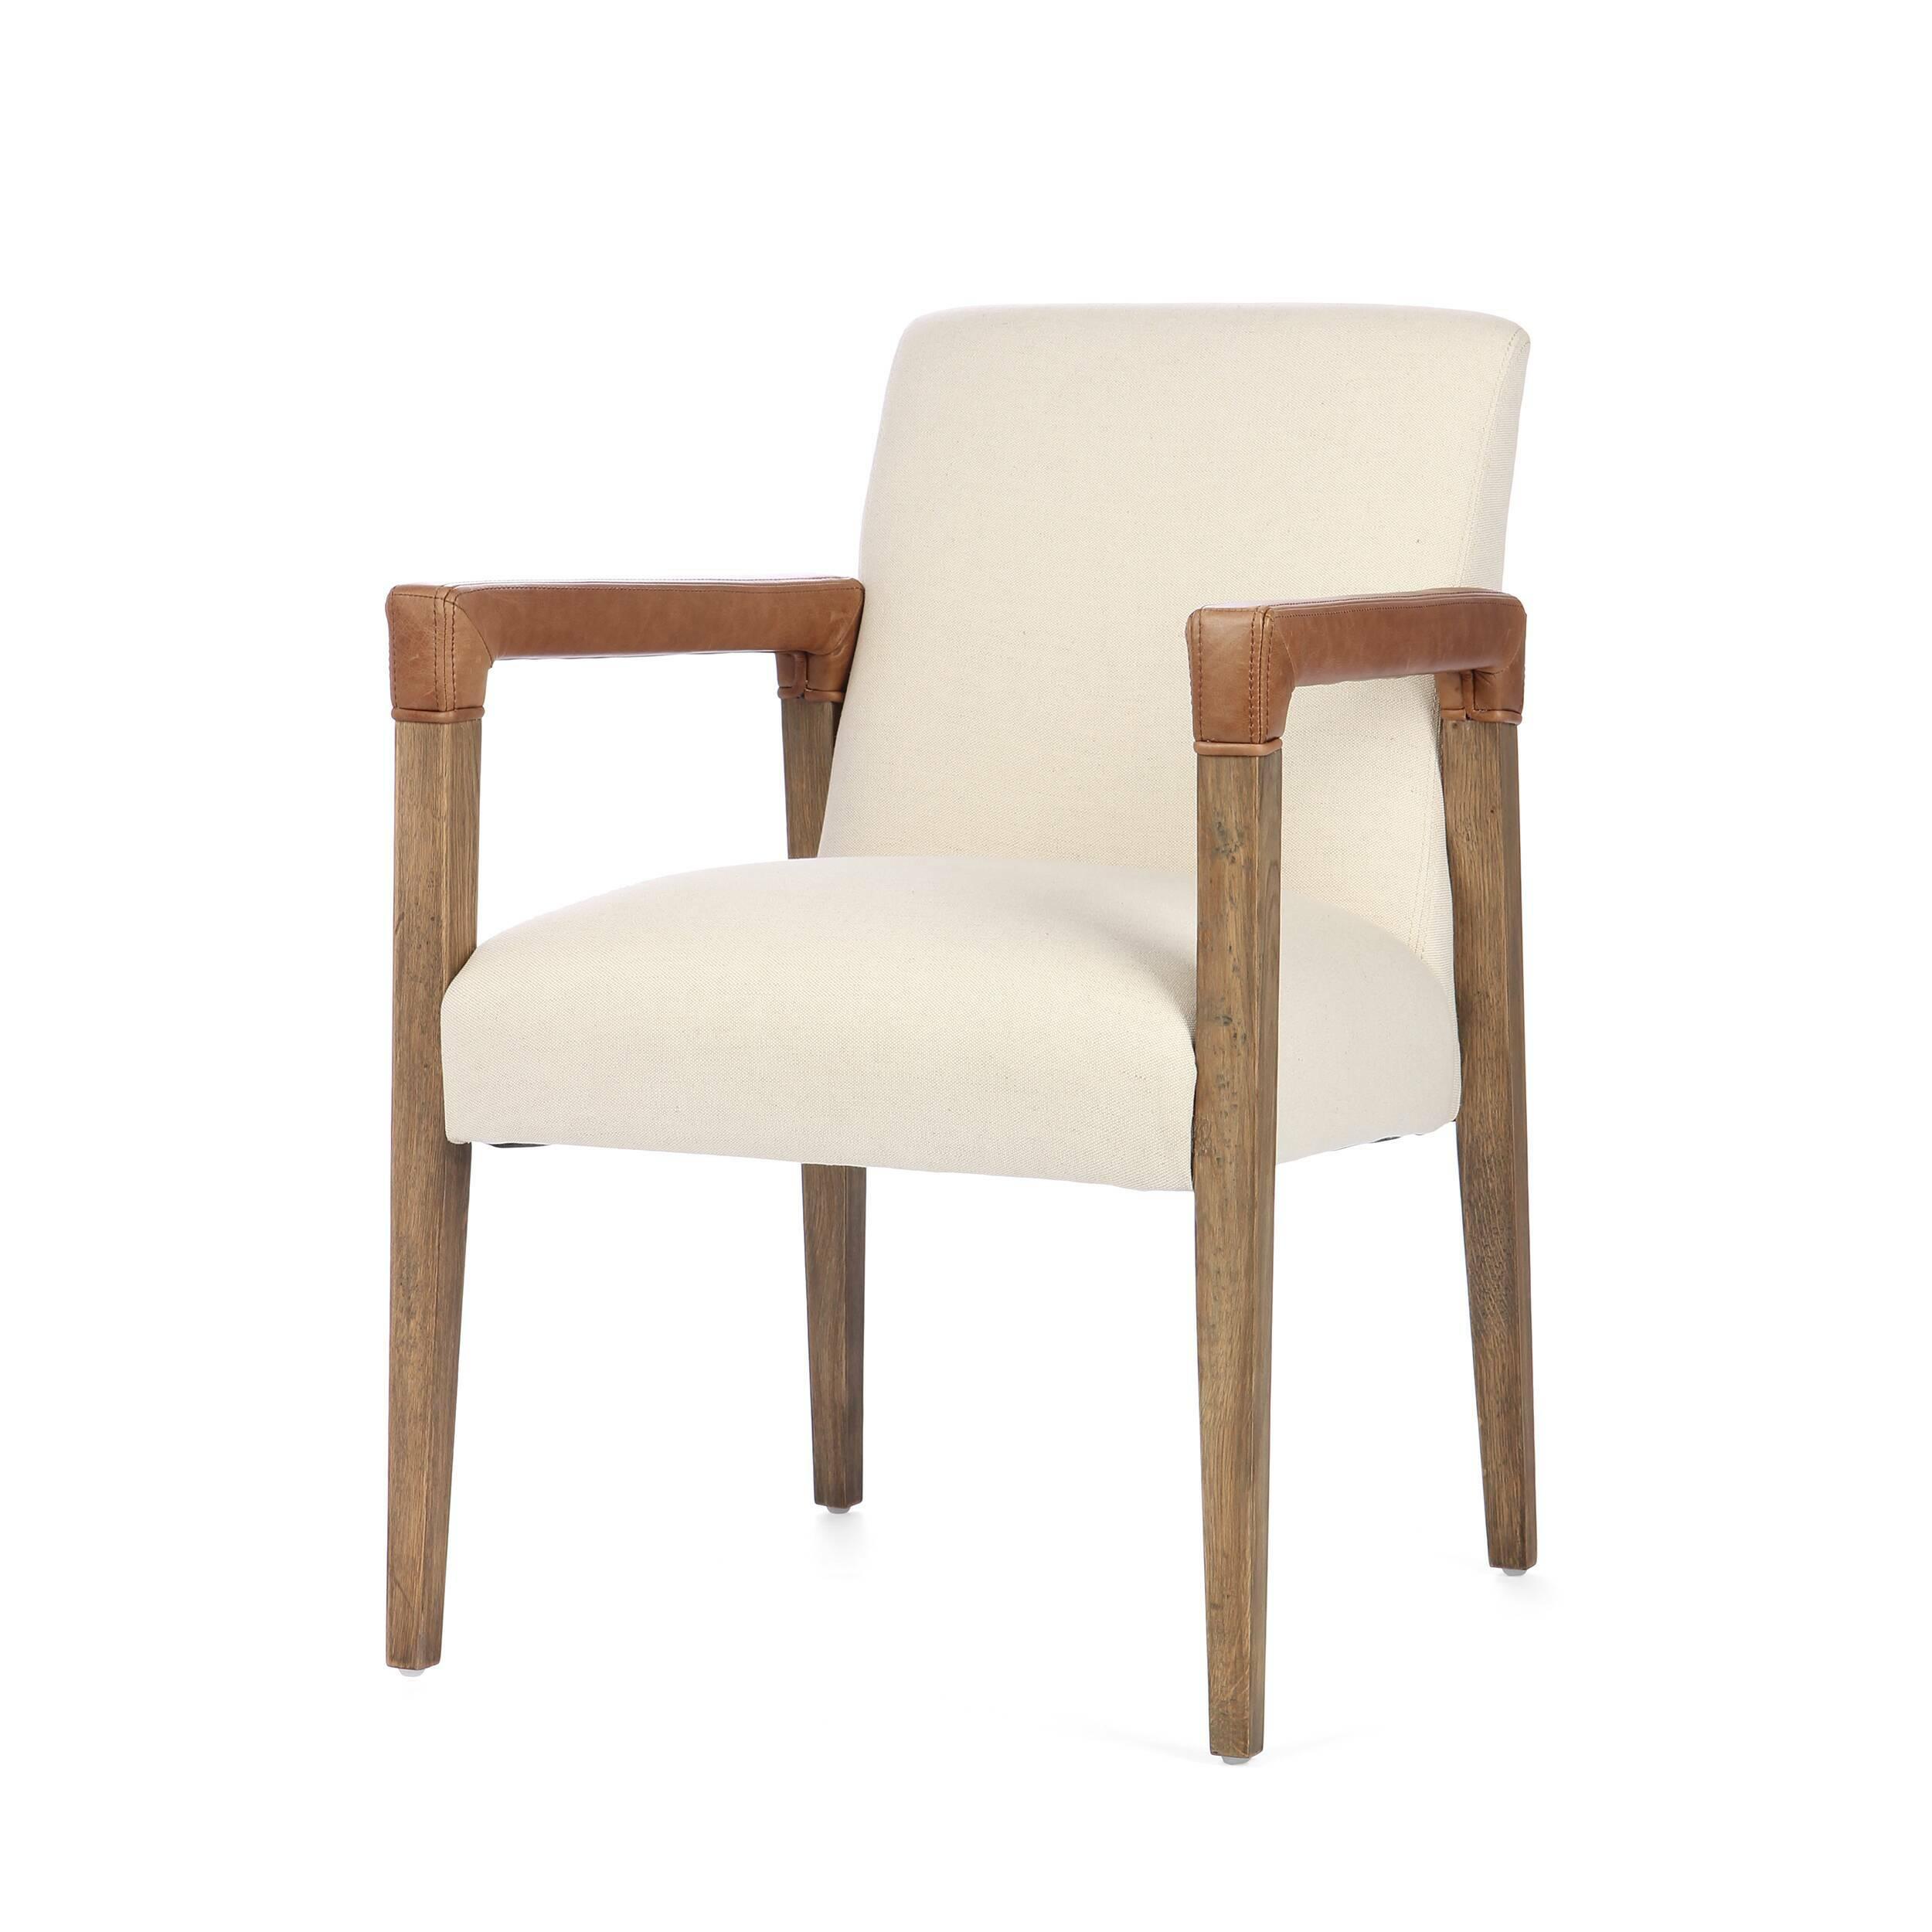 Стул RubenИнтерьерные<br>Дизайнерский мягкий стул Ruben (Рубен) с подлокотникми в стиле лофт от Cosmo (Космо).<br><br> Стул Ruben обладает весьма неординарным дизайном, который может быть отнесен как к привычной классике, так и к современному стилю лофт. Это достигается за счет смешения оформления сиденья и подлокотников. Подлокотники и ножки изделия имеют грубоватый дизайн, ассоциирующийся с популярным сегодня индустриальным стилем. Сиденье и спинка, которые смотрятся весьма контрастно на фоне подлокотников, выполнены в...<br><br>stock: 11<br>Высота: 84<br>Высота сиденья: 49.5<br>Ширина: 58.5<br>Глубина: 66<br>Цвет ножек: Коричневый<br>Материал ножек: Массив дуба<br>Материал сидения: Хлопок<br>Цвет сидения: Бежевый<br>Тип материала сидения: Ткань<br>Тип материала ножек: Дерево